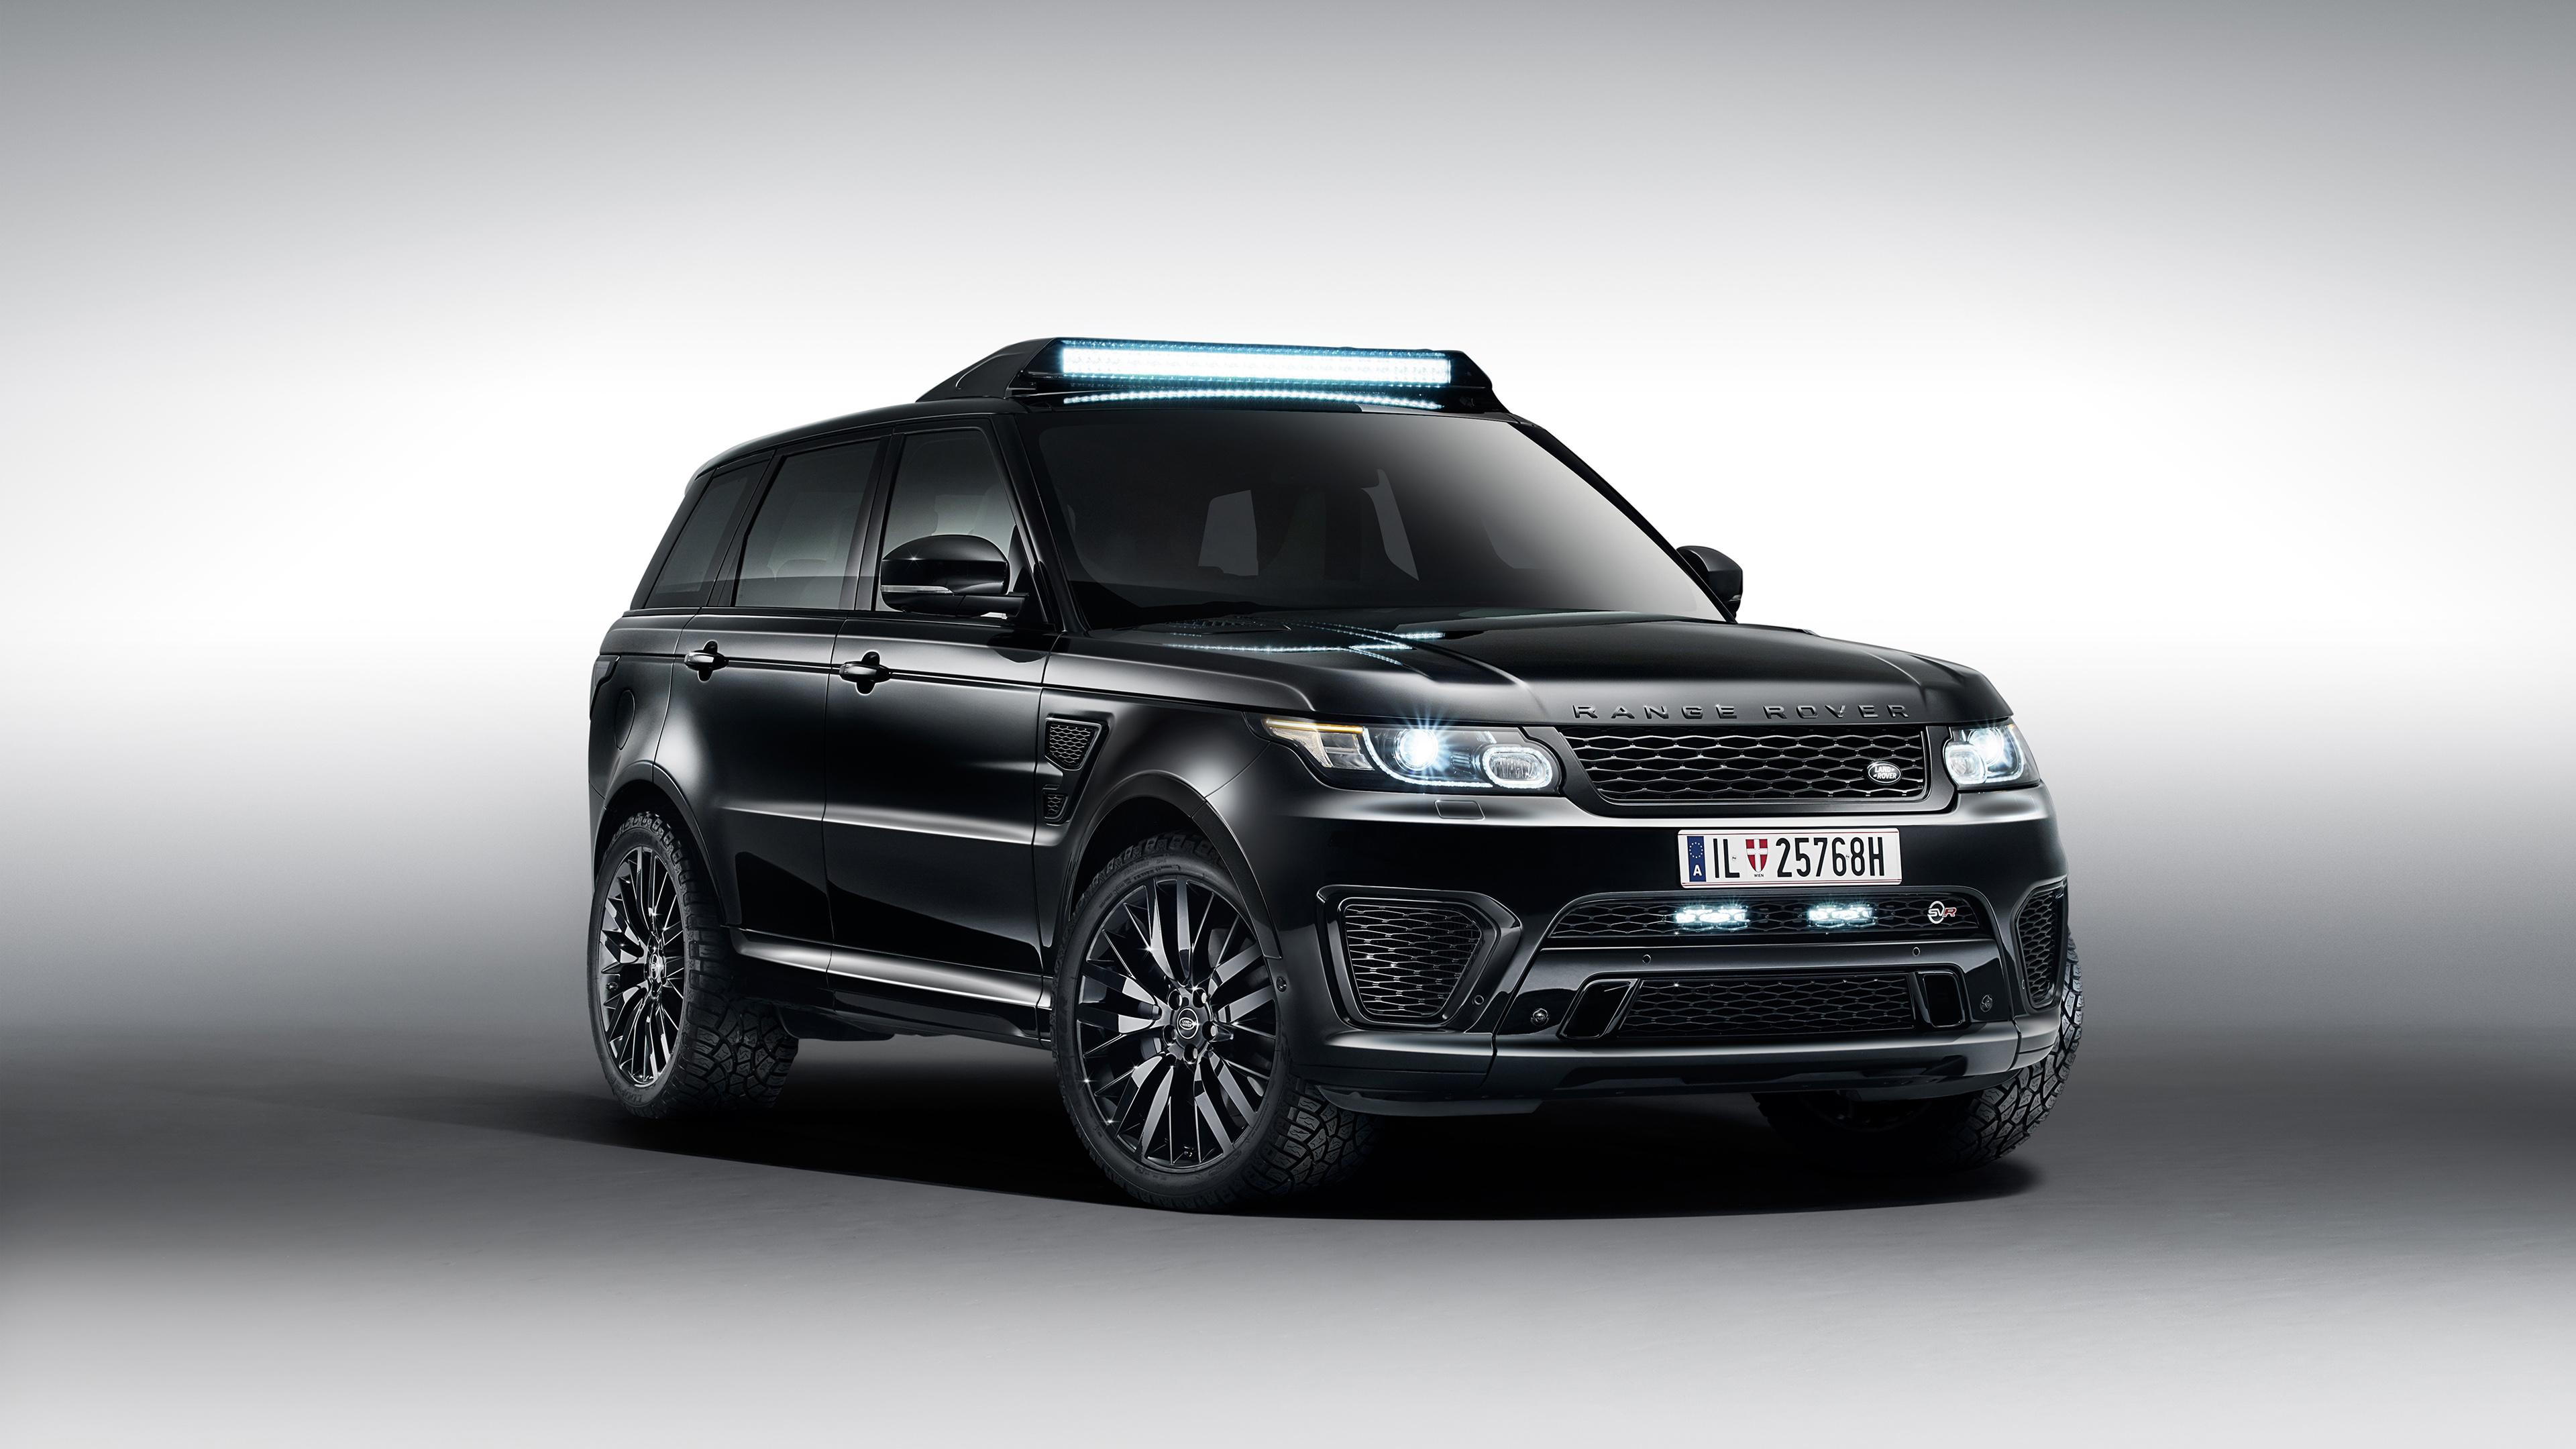 Range Rover Sport Black Wallpaper: 2015 Range Rover Sport Wallpaper